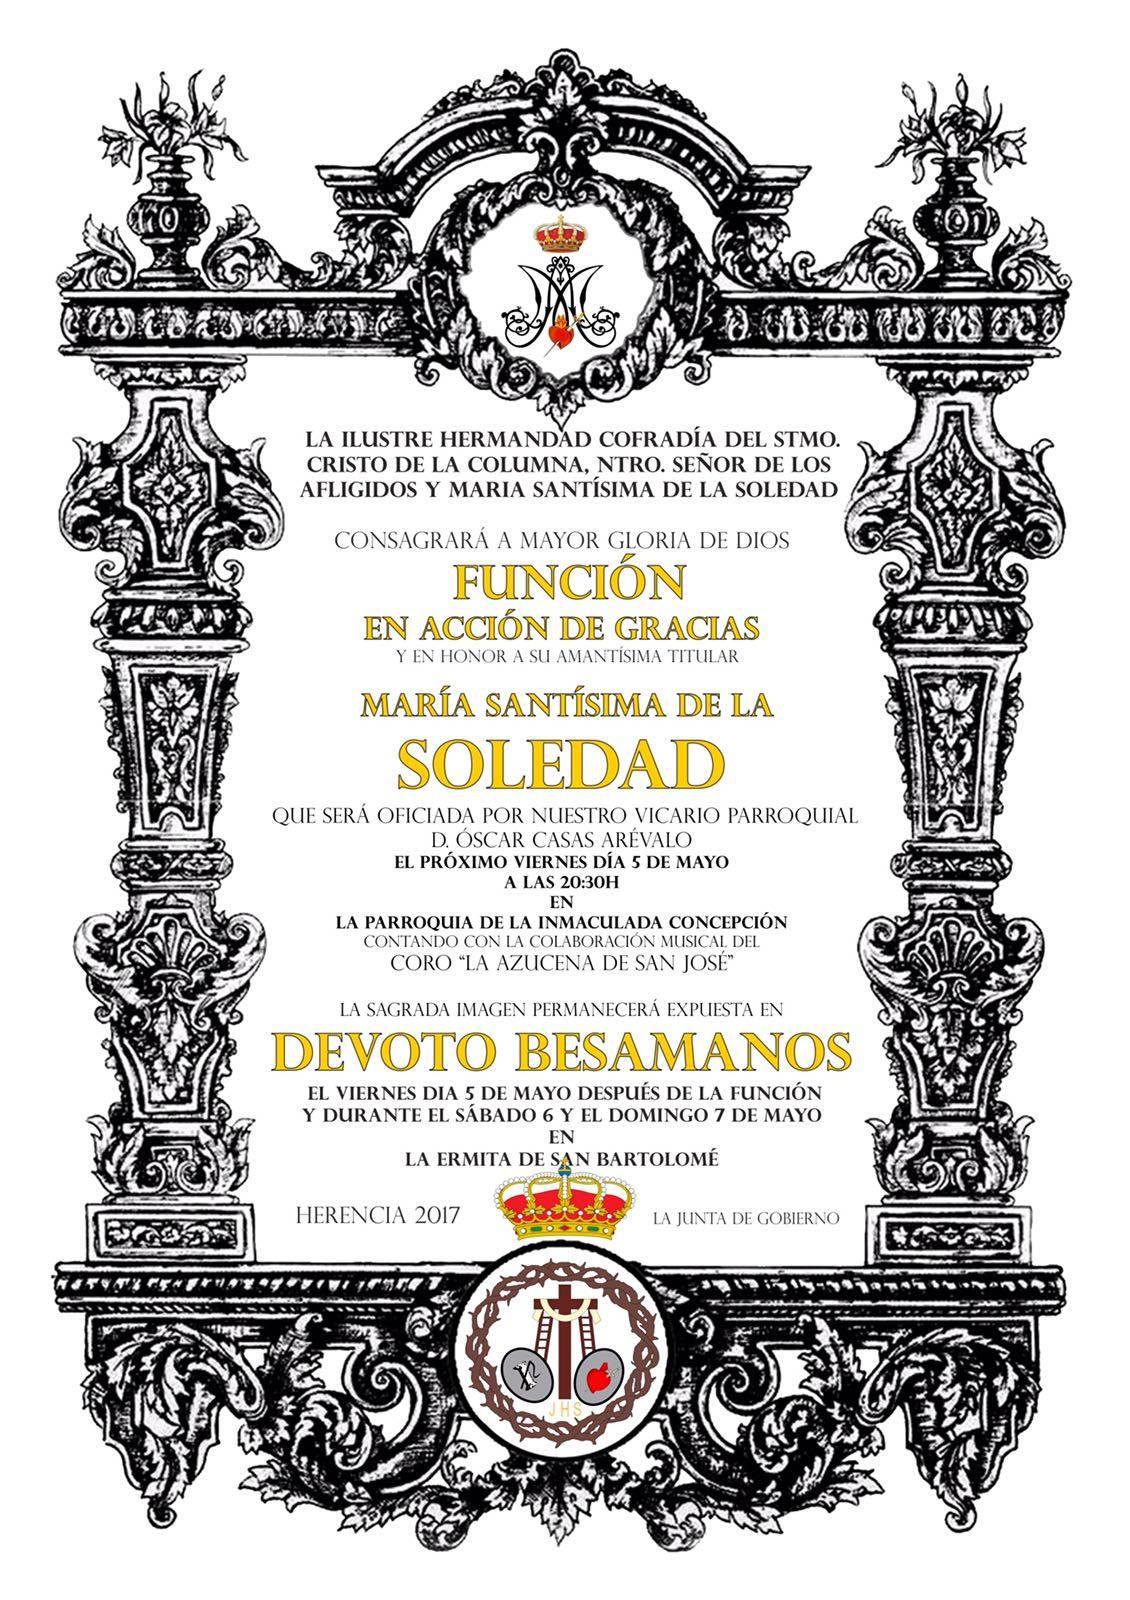 Función de Acción de Gracias y besamanos, en honor a  María Santísima de la Soledad 1